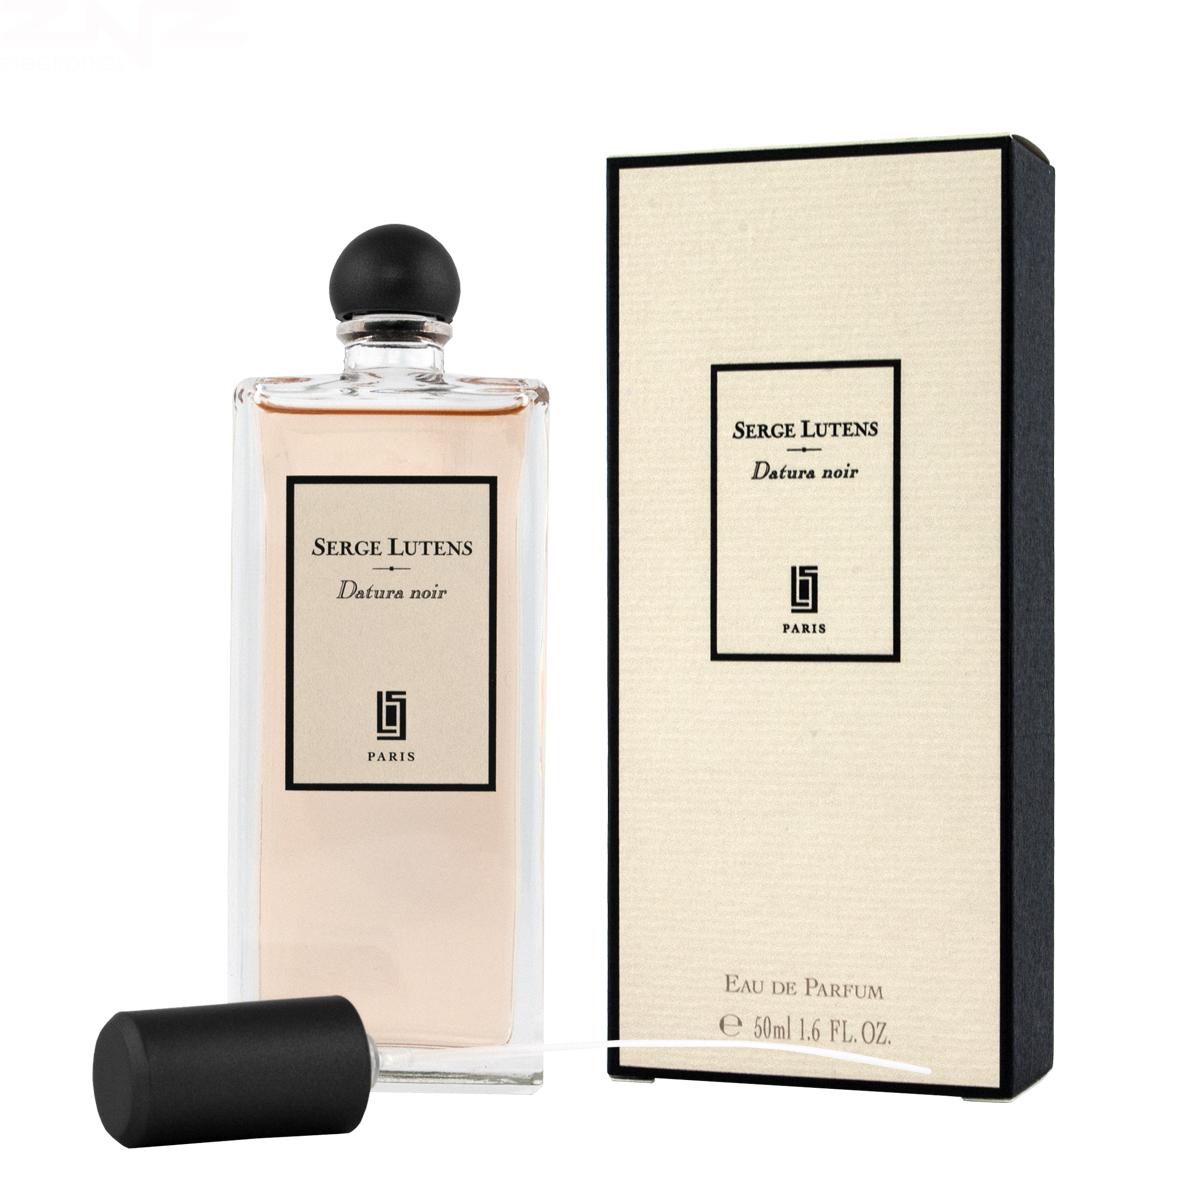 serge lutens datura noir eau de parfum 50ml. Black Bedroom Furniture Sets. Home Design Ideas